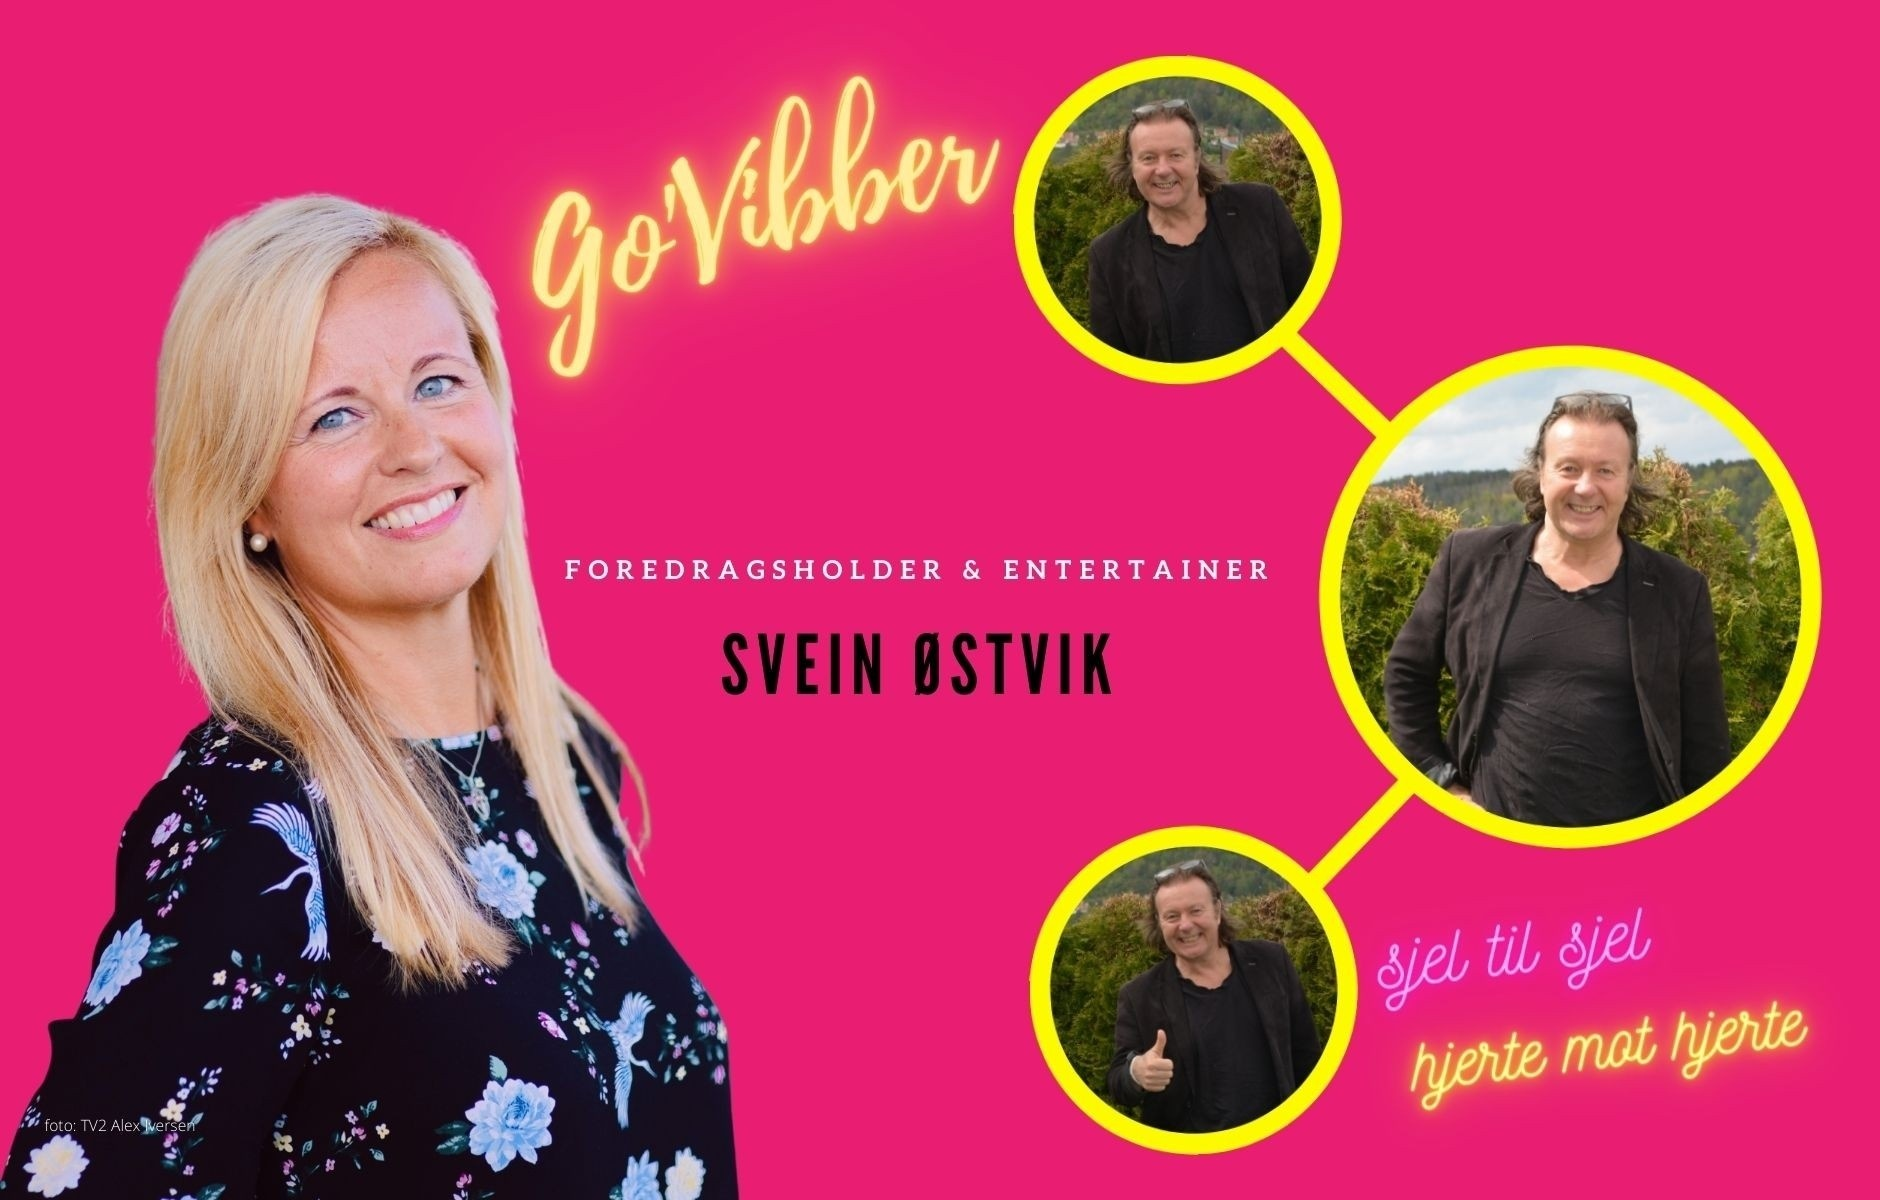 Hva har gitt entertainer Svein Østvik trygghet og styrke til å følge hjerte?